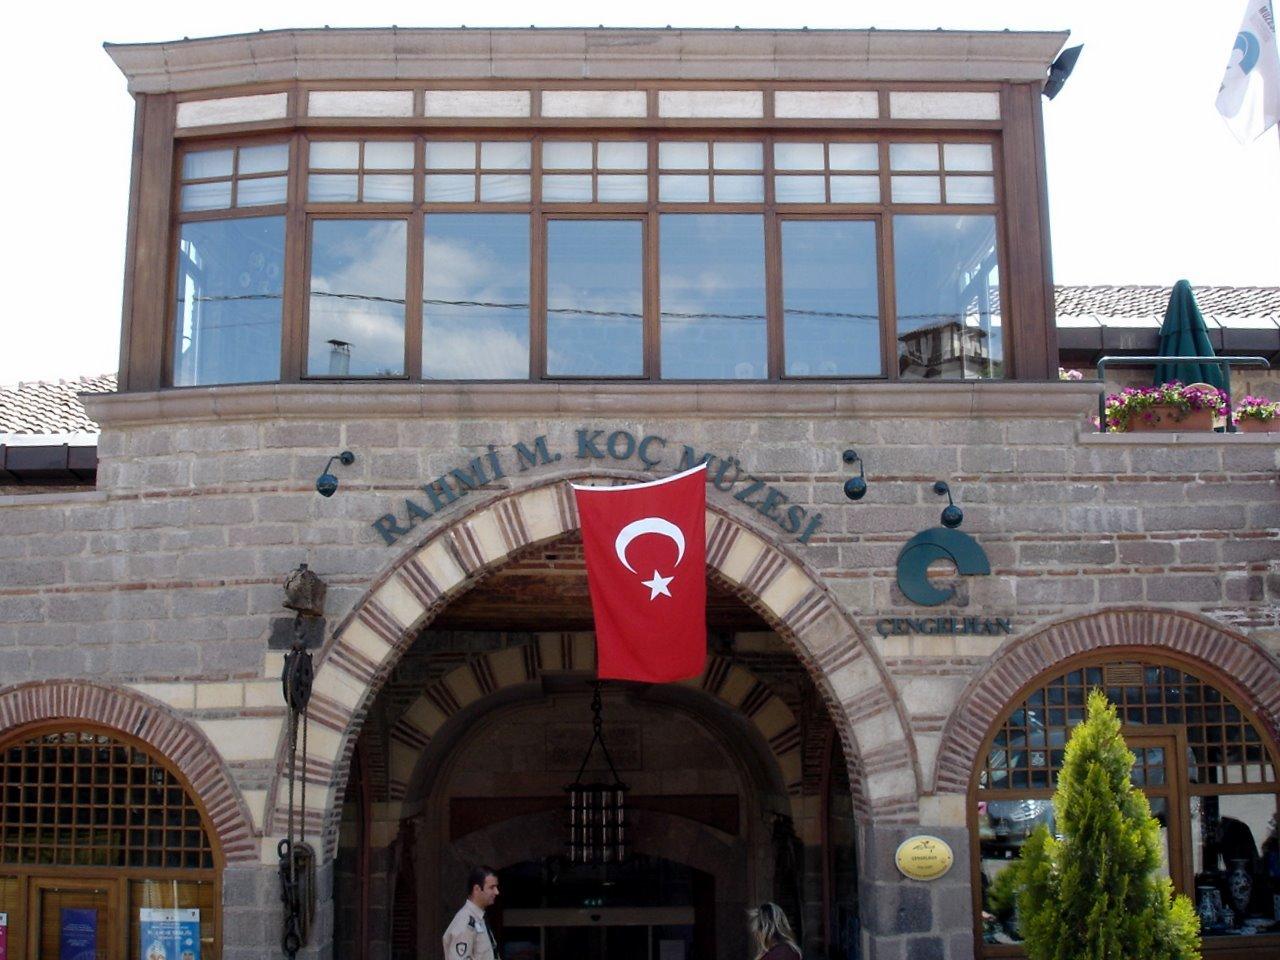 Araba Resimleri T�rkiye'de Araba M�zesi Nerede ? Rahmi Ko� M�zesi Resimleri